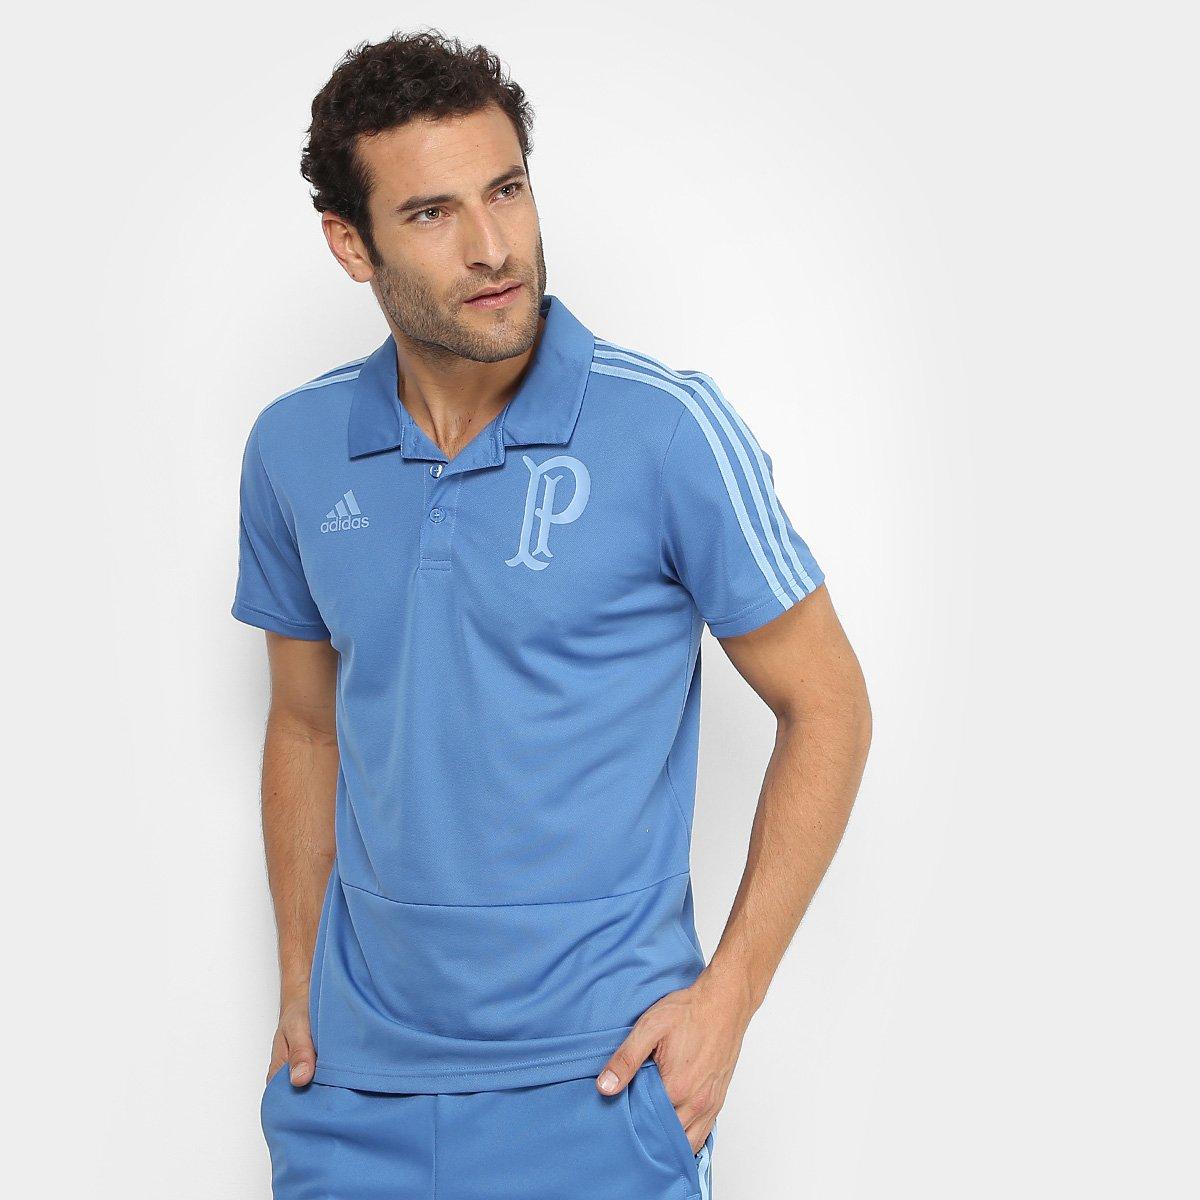 ddfb321009 Camisa Polo Palmeiras Adidas Viagem Masculina - Azul